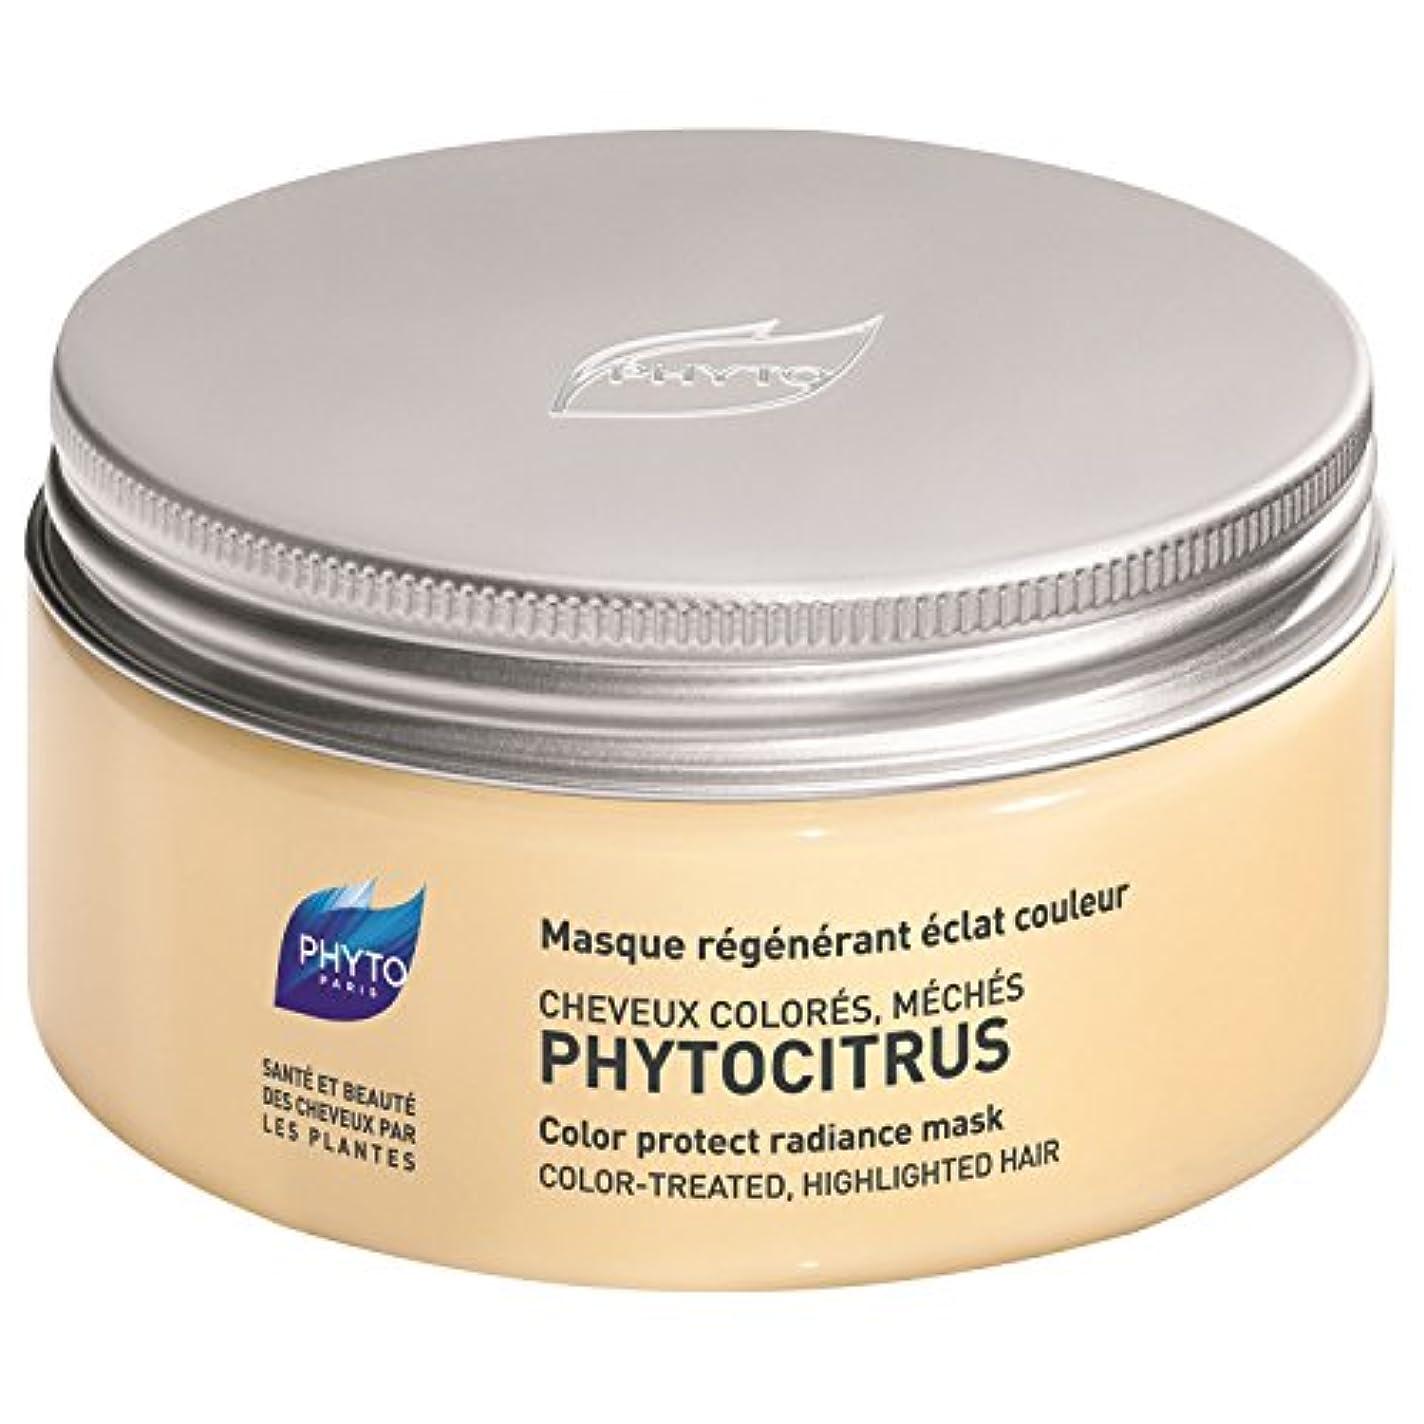 弾丸エンディング低いフィトPhytocitrus色保護放射輝度マスク200ミリリットル (Phyto) (x2) - Phyto Phytocitrus Colour Protect Radiance Mask 200ml (Pack of...